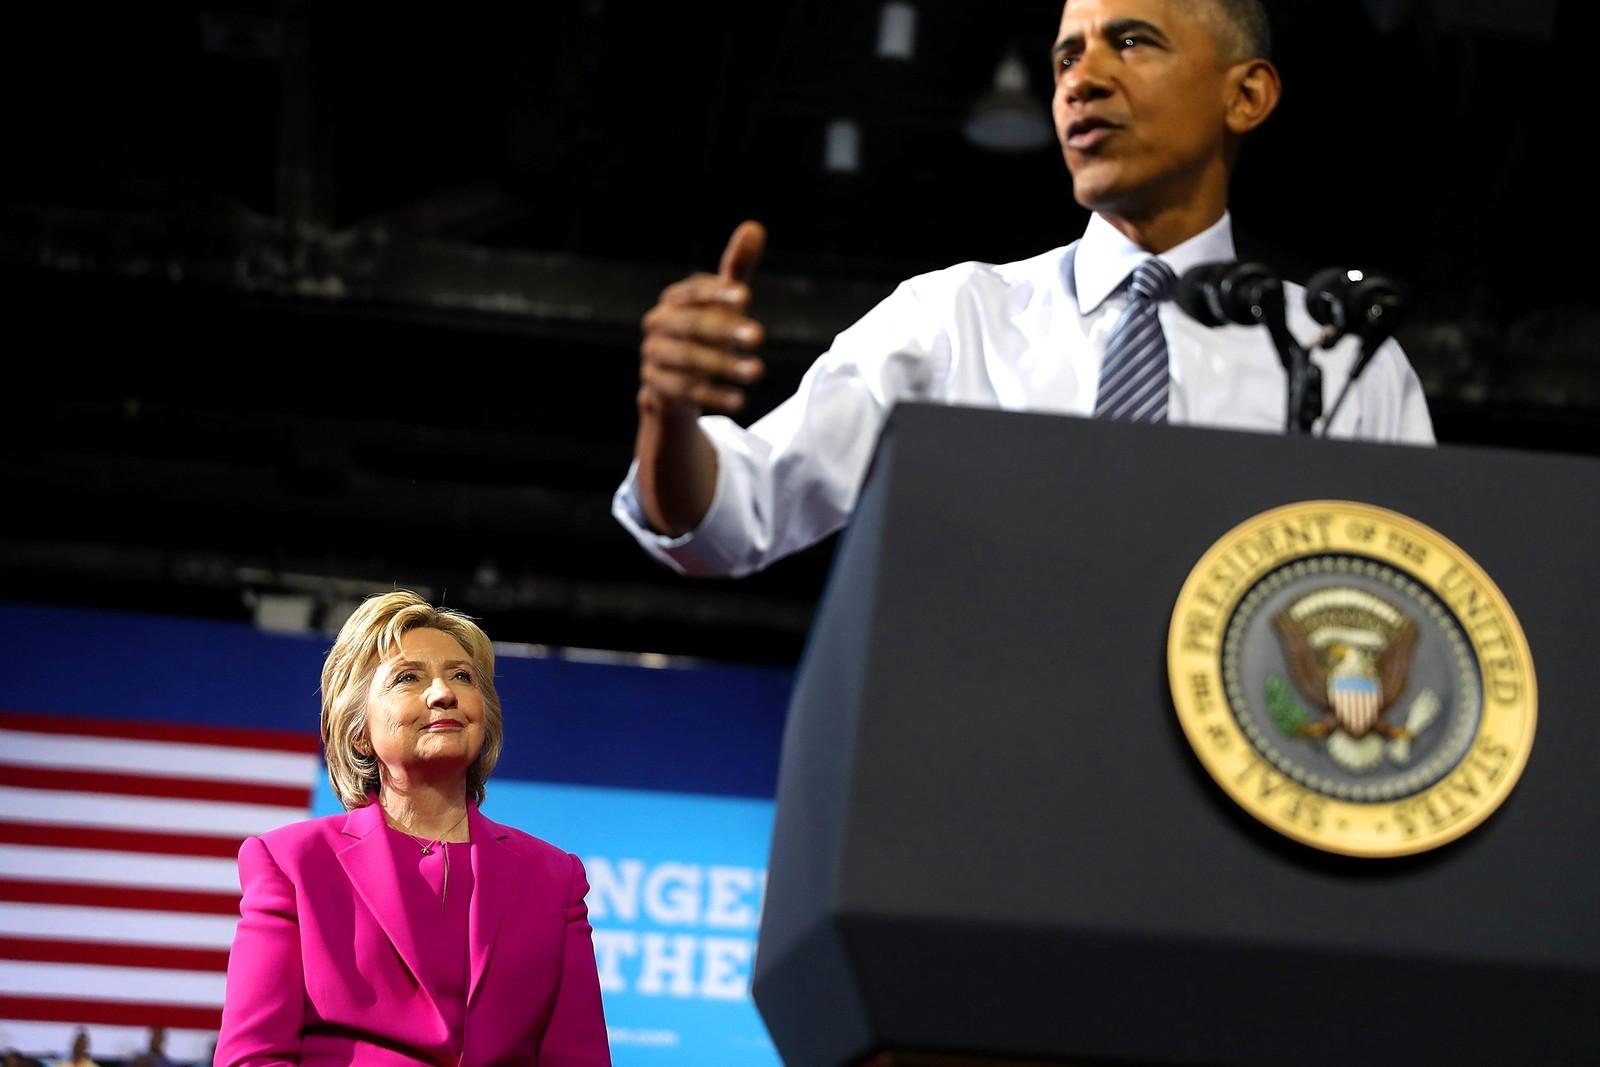 USAs president Barack Obama stilte den femte juli opp på et valgmøte i Charlotte i Nord-Carolina for å støtte Hillary Clintons presidentkandidatur. – Ingen har noensinne vært mer kvalifisert for presidentjobben enn Hillary, sa han til den jublende folkemengden.